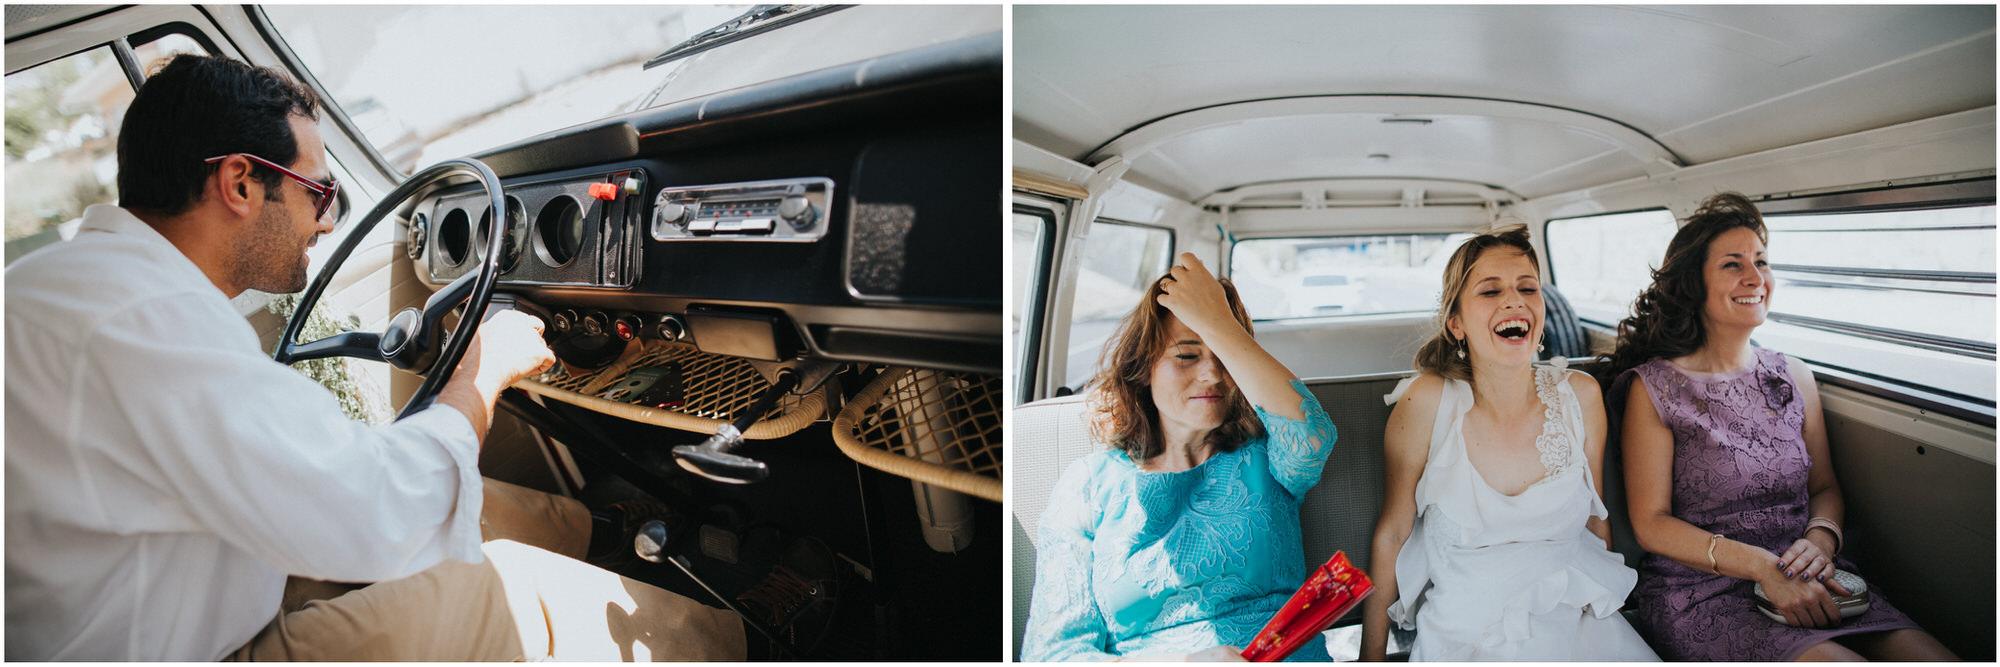 Filipe Santiago Fotografia-fotografo-malveira-lisboa-cascais-mafra-melhores-reportagem-wedding-photography-portugal-lisbon-best-natural-casamentos-lifestyle-bride-ideias-rustic-boho-hair-mackup-damas-preparativos-preparations-bridemaids-dress-shoes-bouquet-vw-van